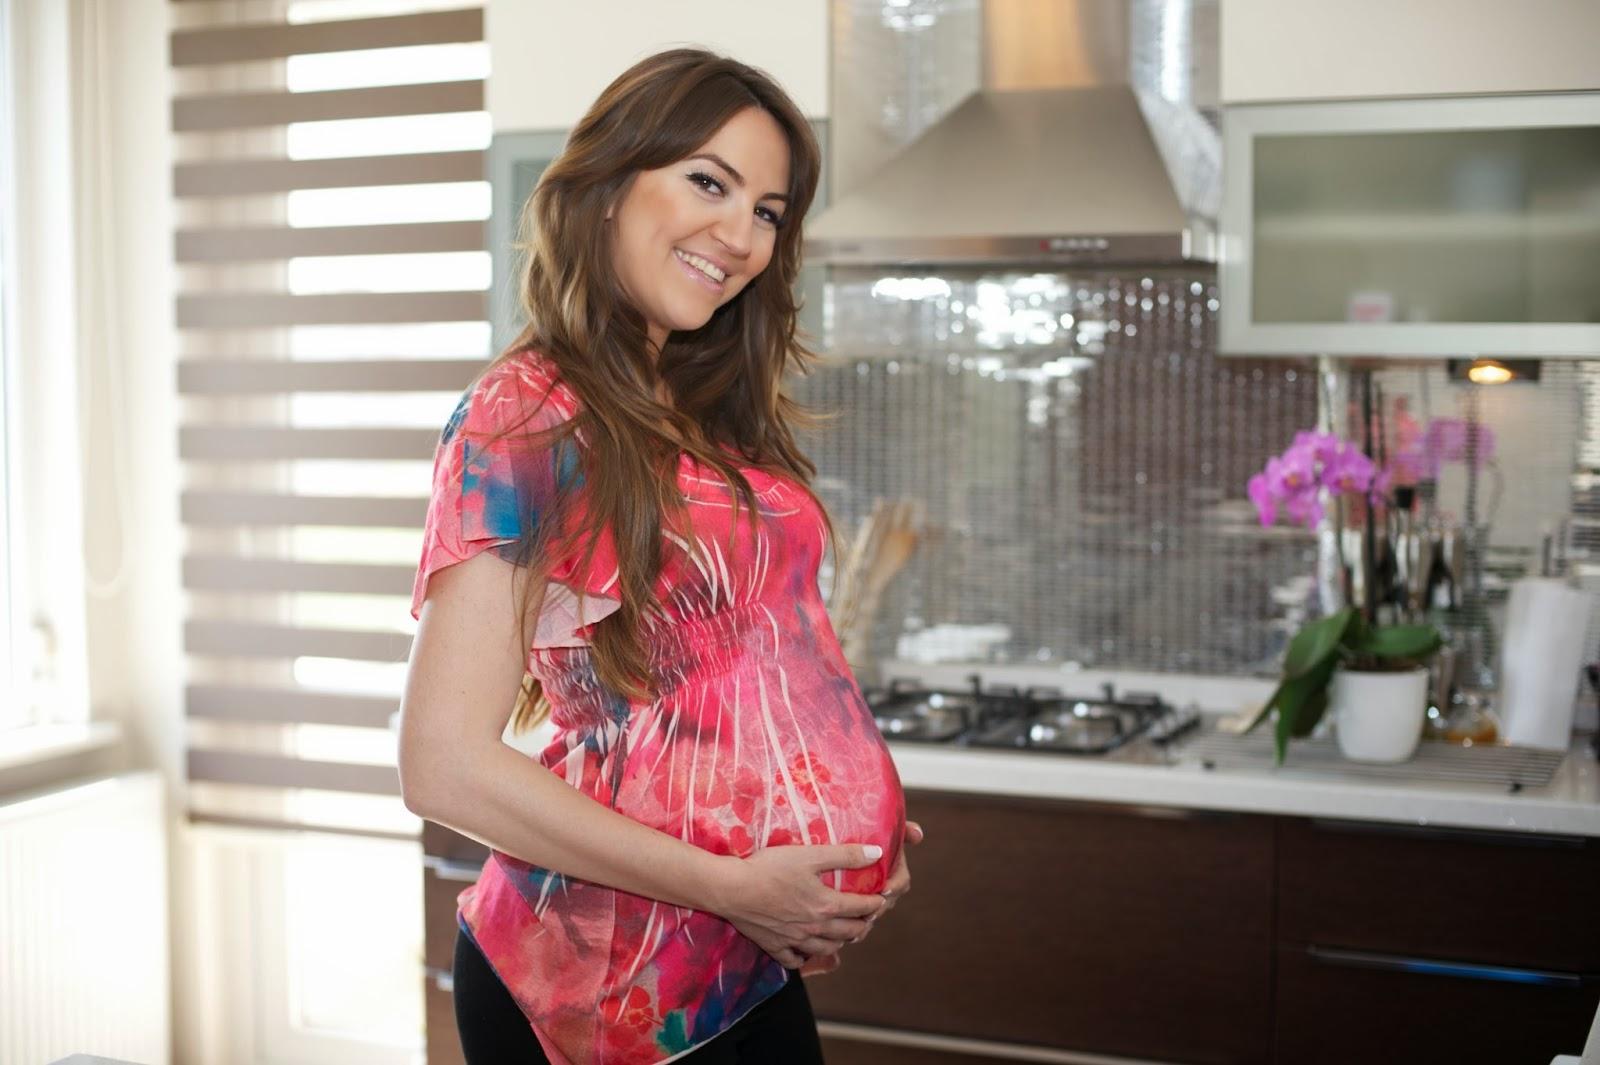 Anne Kız Stilleri: 6 Kombin Fikri Hemen Sizde Deneyin